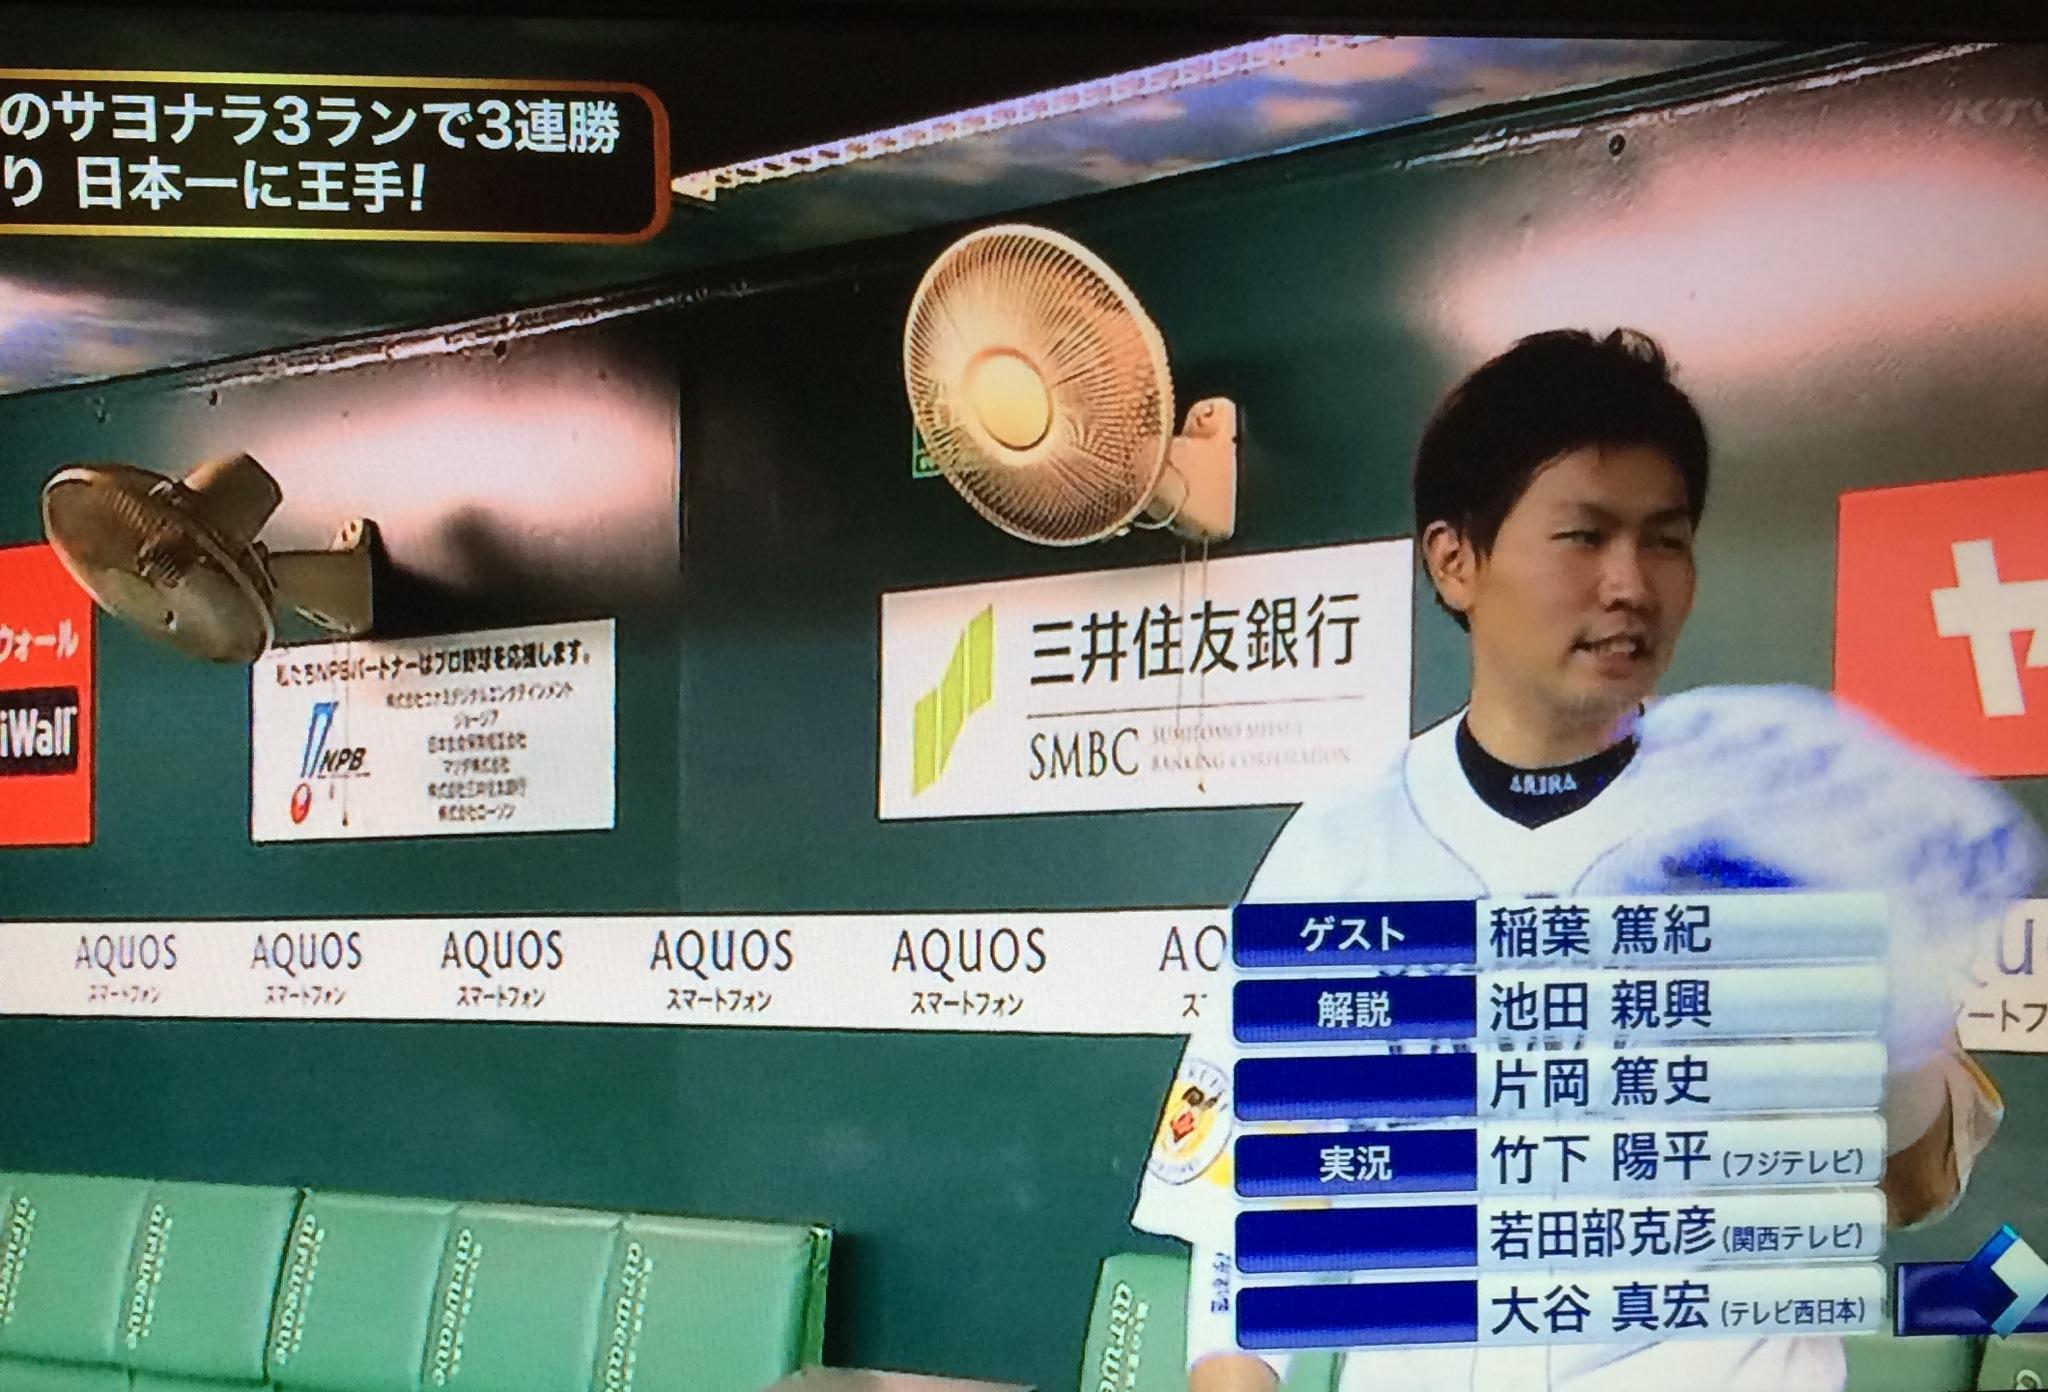 秋山監督の福岡での最後の試合!絶対に勝つしかない!